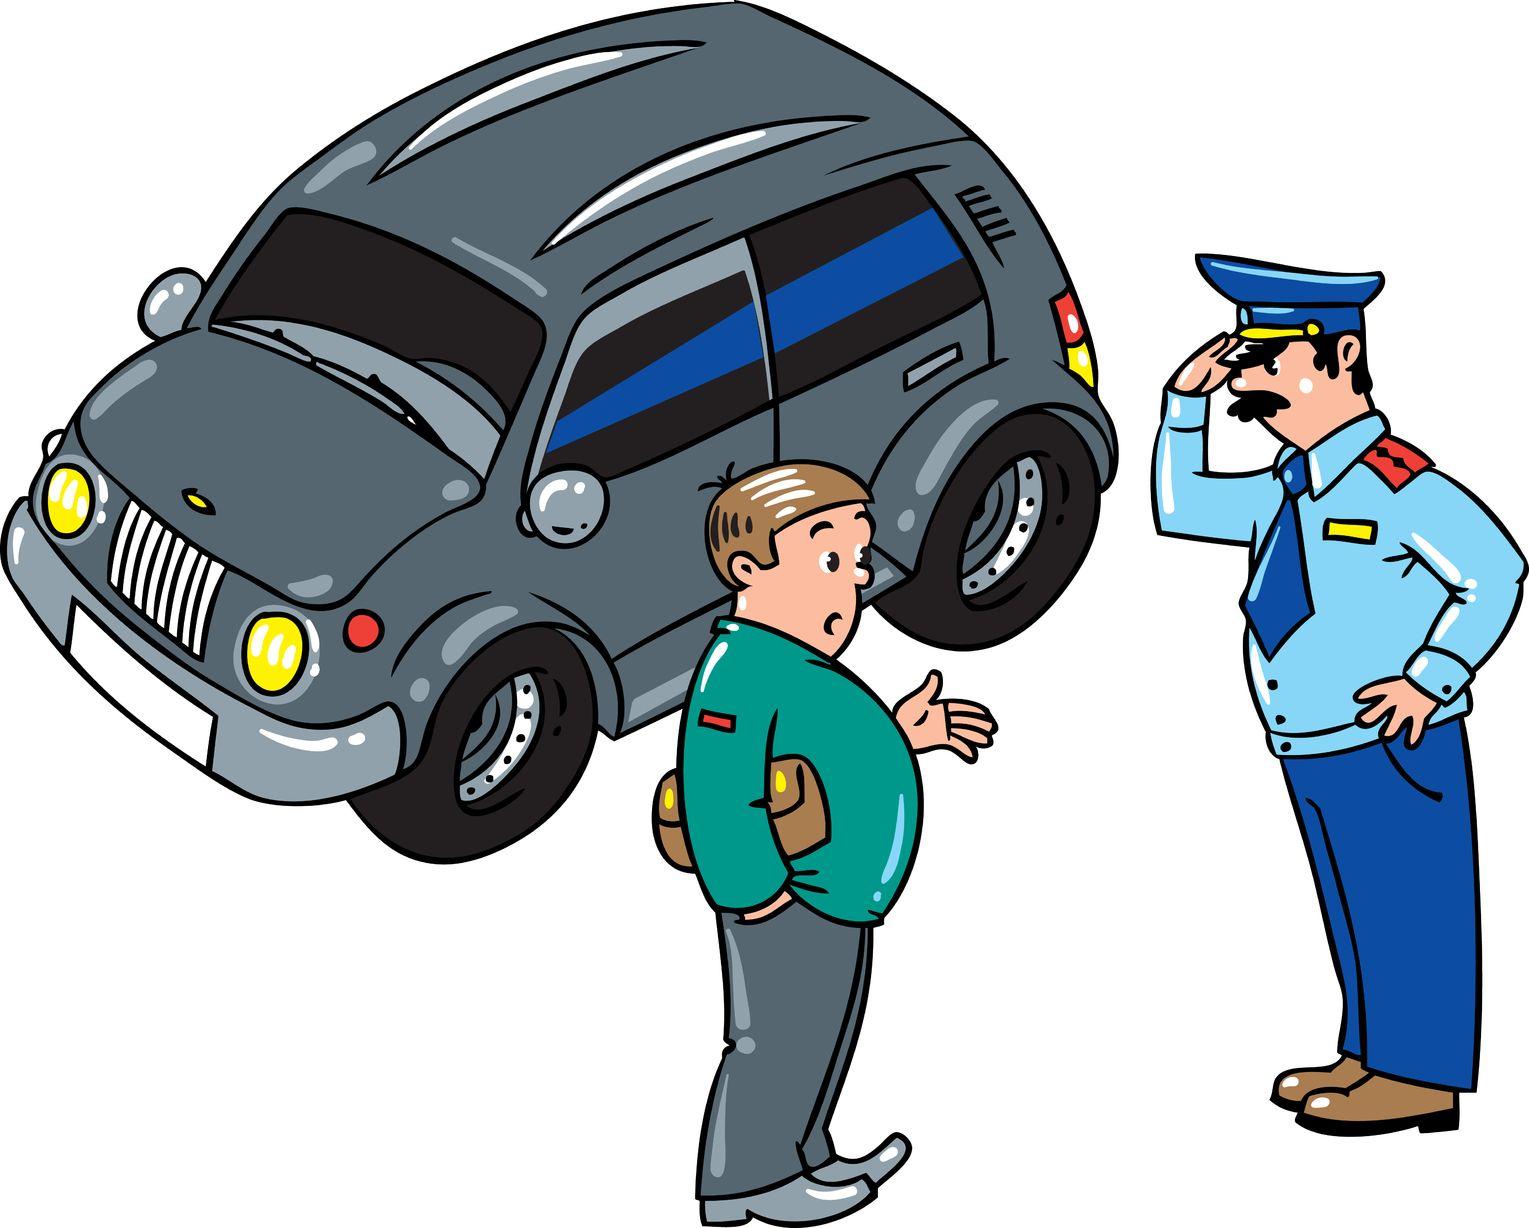 PoliceOfficer(1)